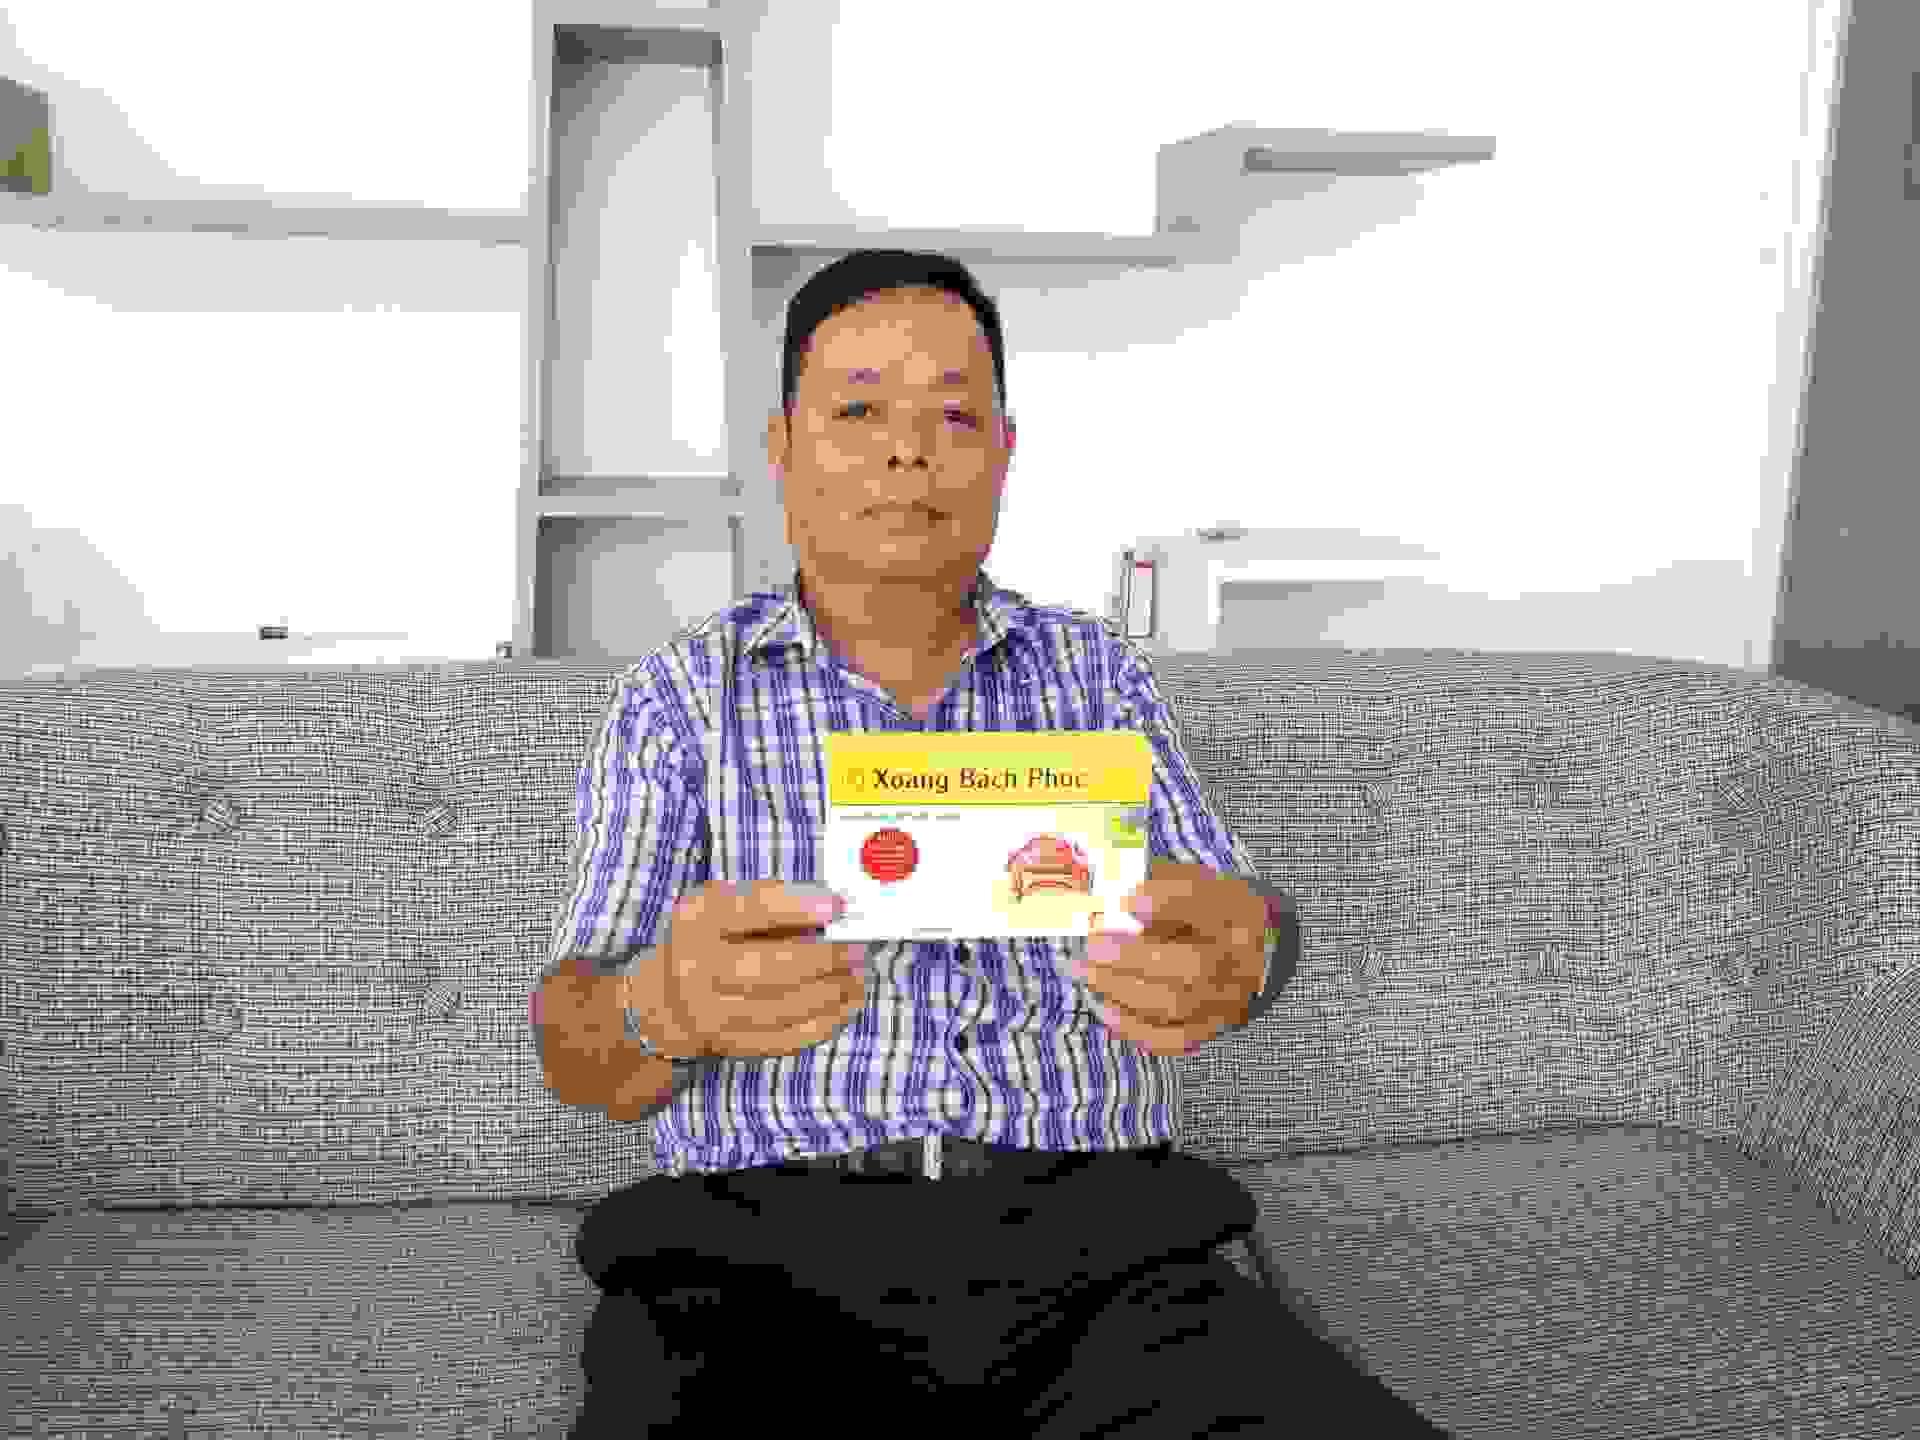 Bố tôi bất ngờ khỏe hẳn viêm xoang sau 40 năm bệnh nặng 2